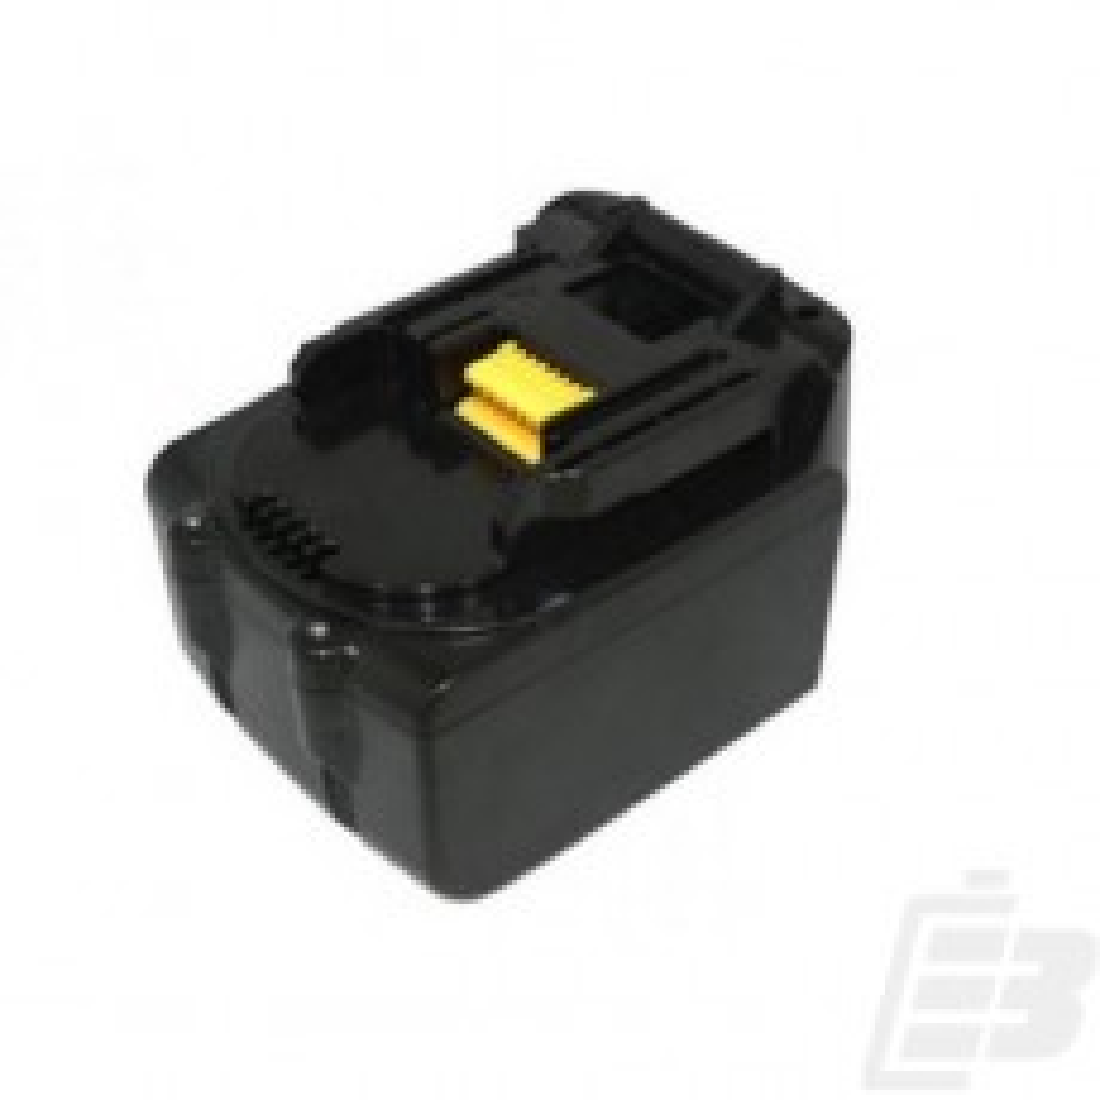 Μπαταρία ηλεκτρικού εργαλείου Makita 14.4V 4.0Ah_1